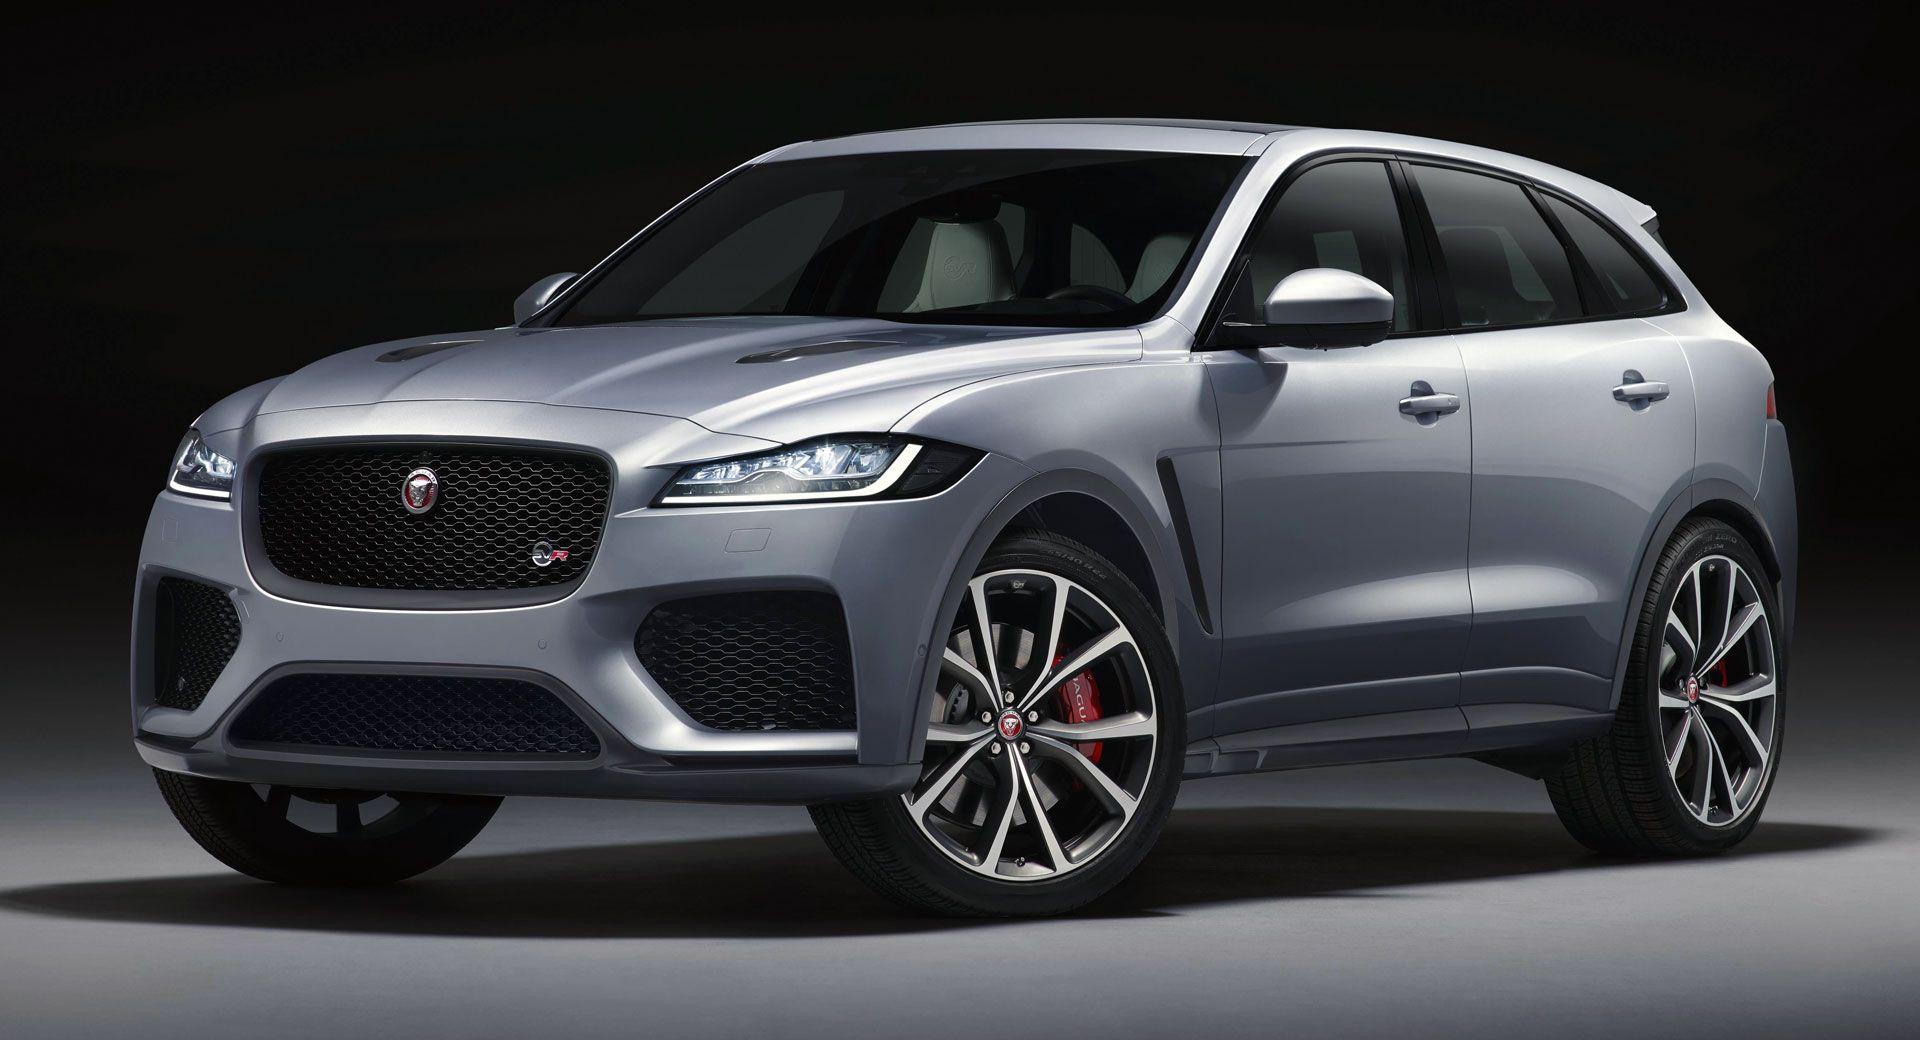 Suv V8 Jaguar Suv 2020 Price